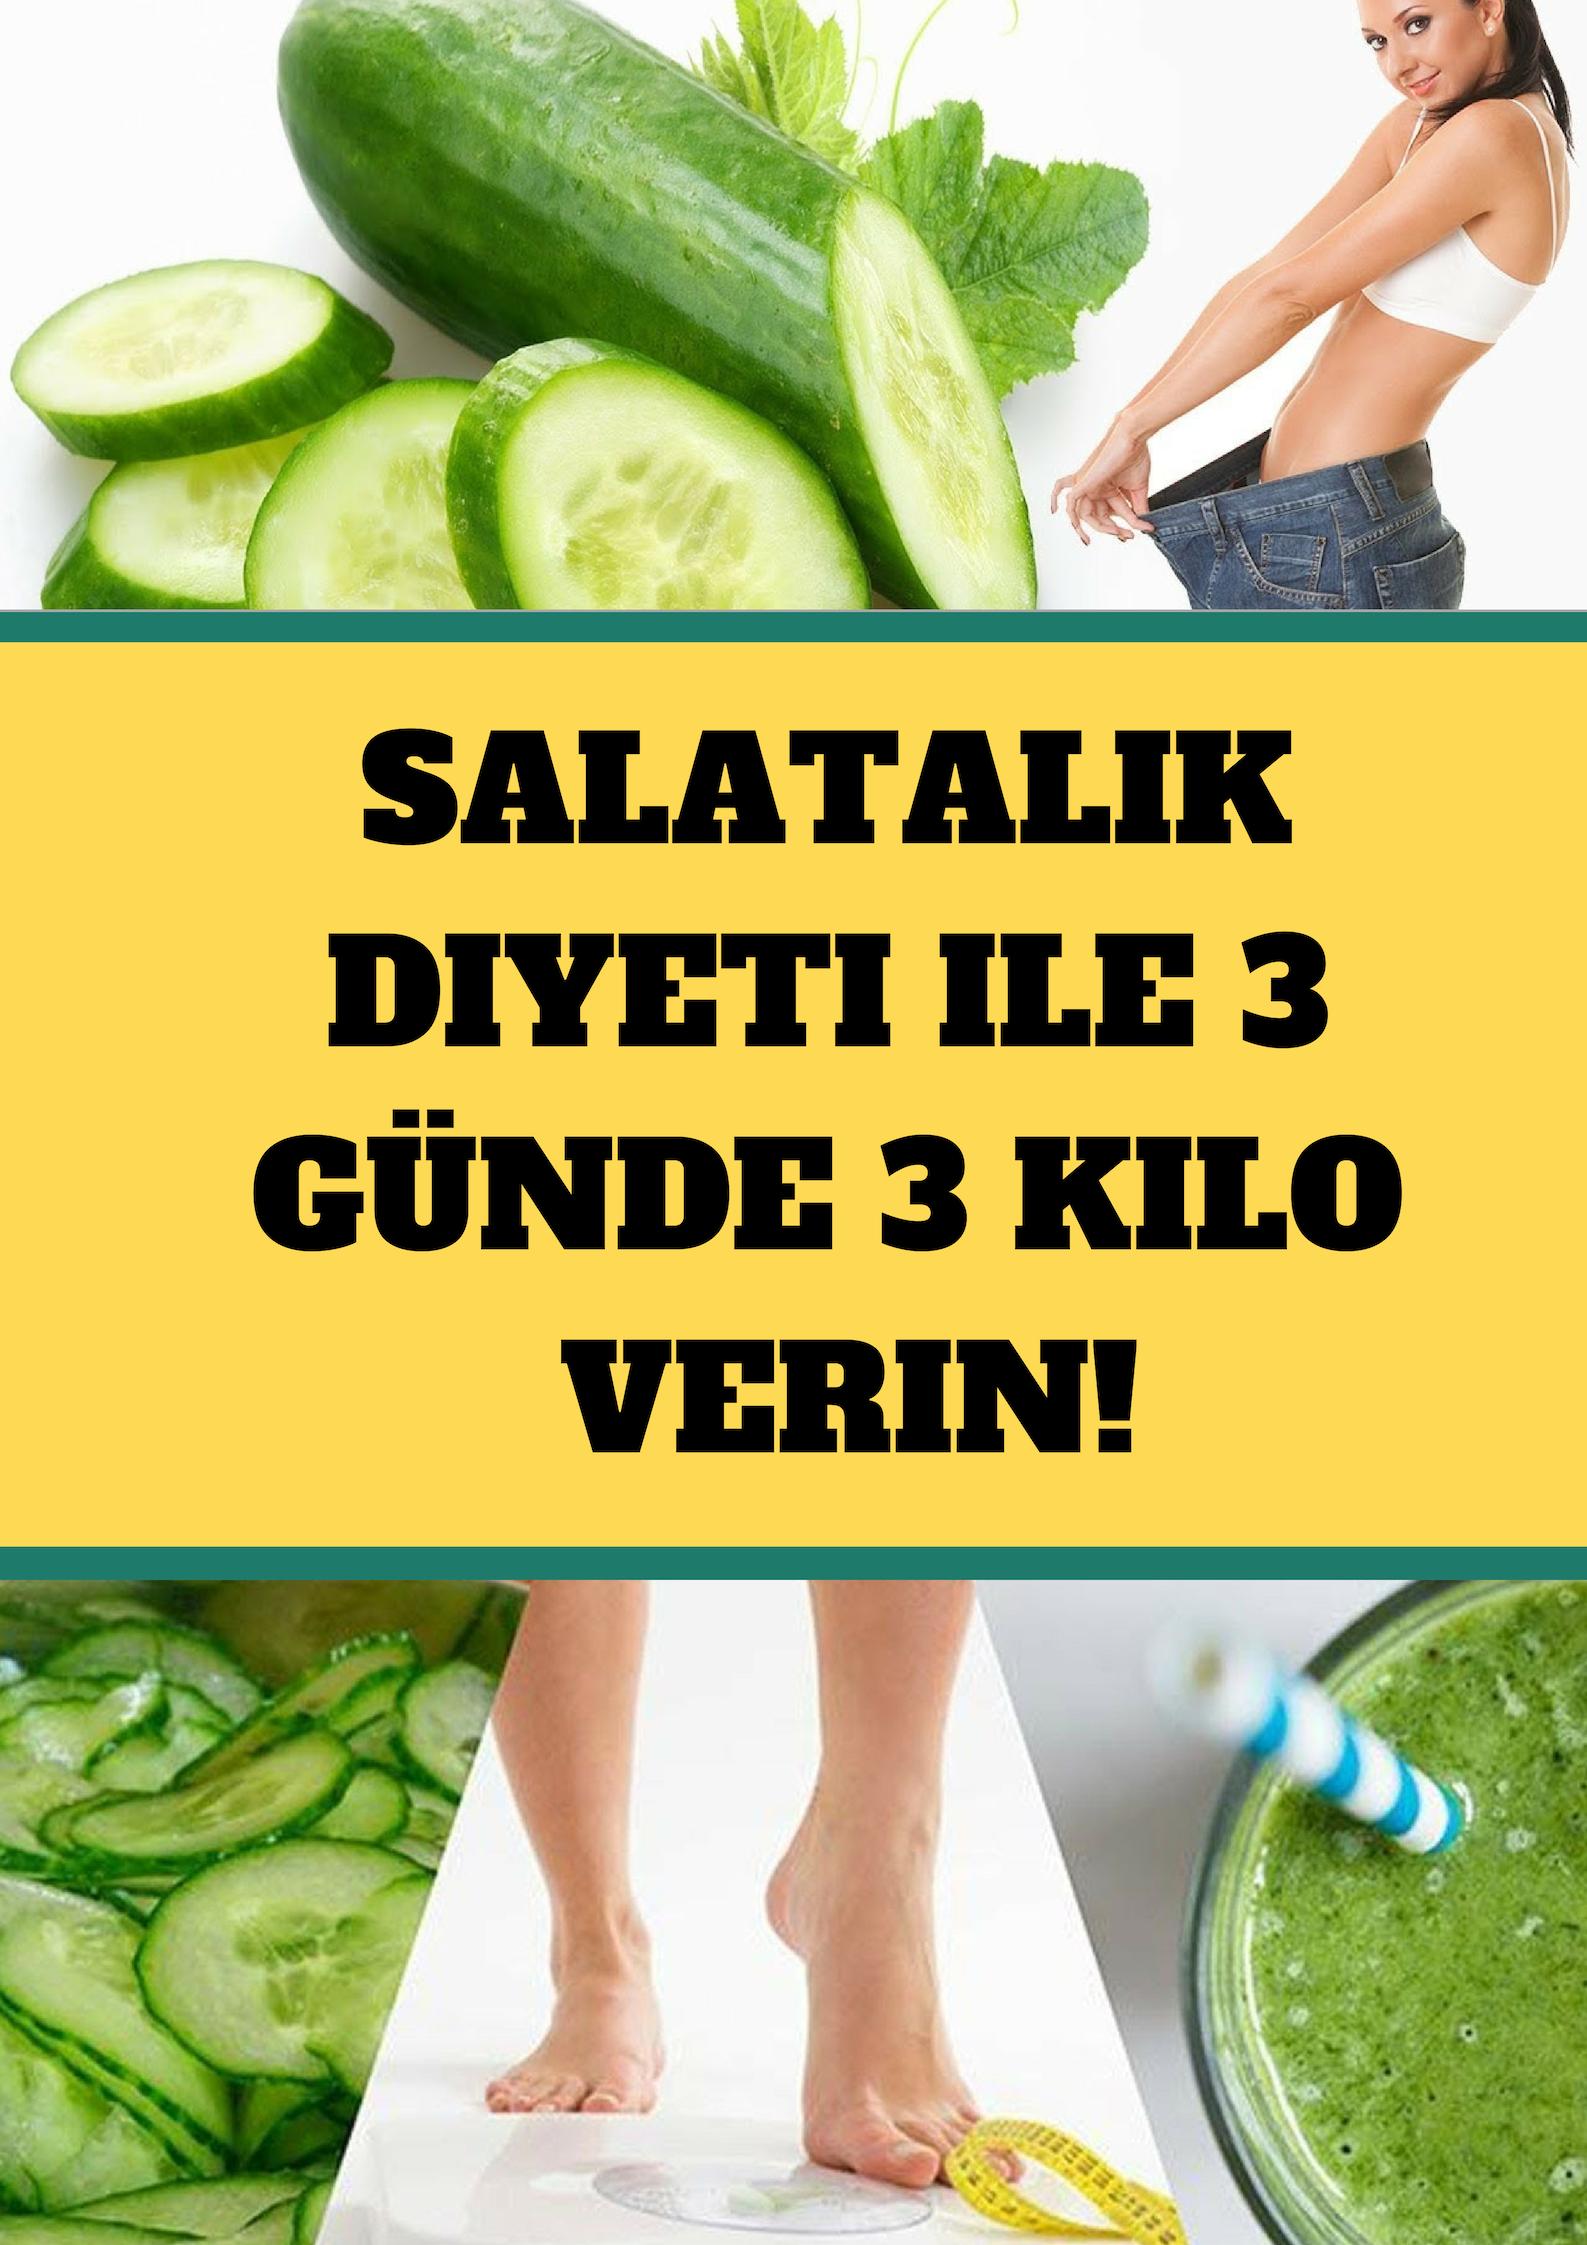 Salatalık diyeti ile 3 günde 3 kilo! #diyet #zayıflama #ödem #